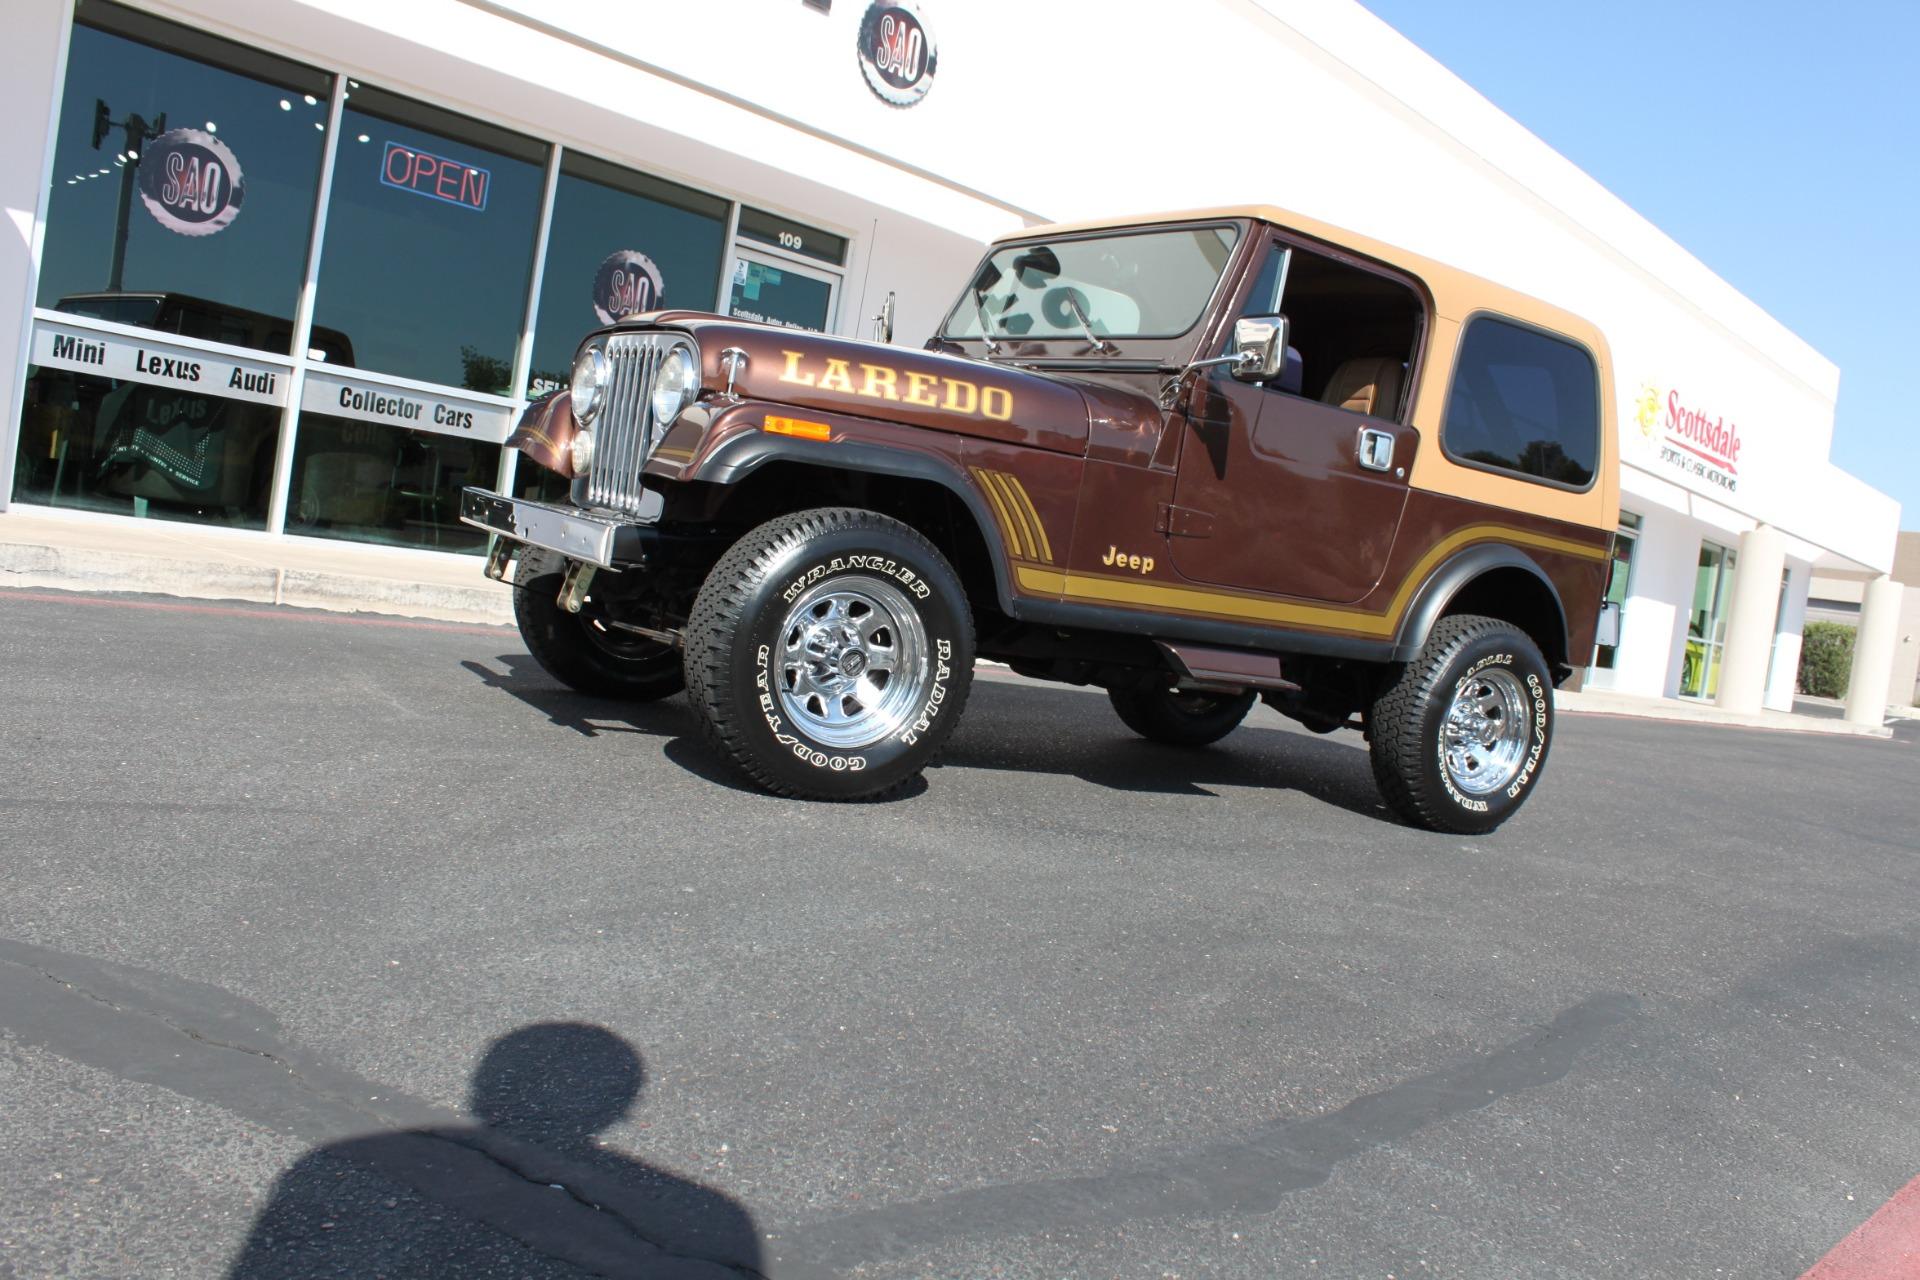 Used-1985-Jeep-CJ-7-Laredo-4WD-Dodge